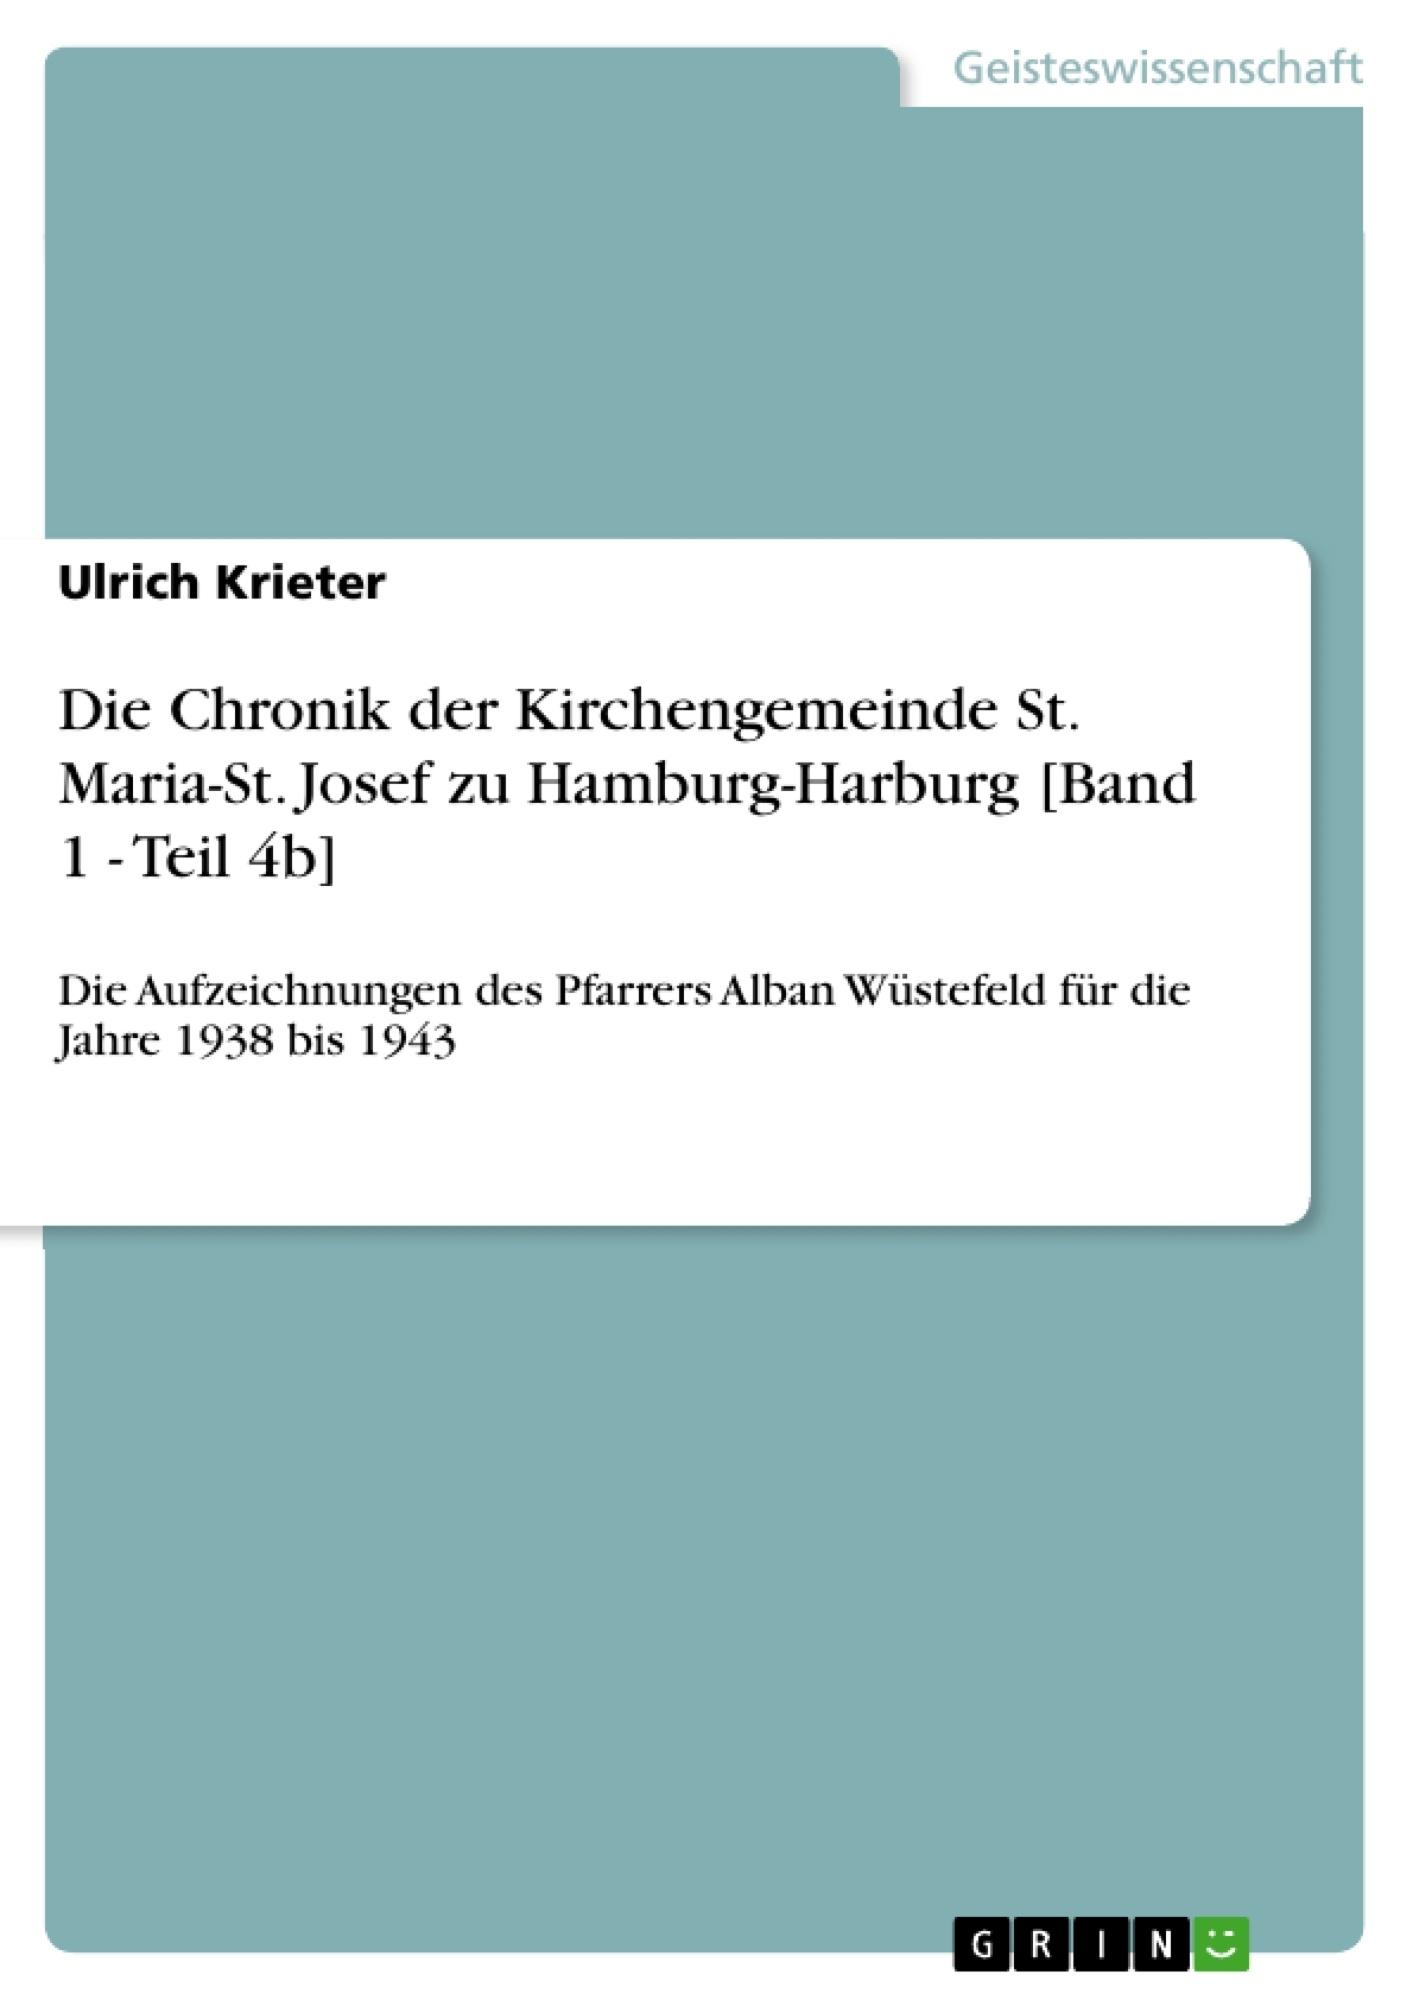 Titel: Die Chronik der Kirchengemeinde St. Maria-St. Josef zu Hamburg-Harburg [Band 1 - Teil 4b]